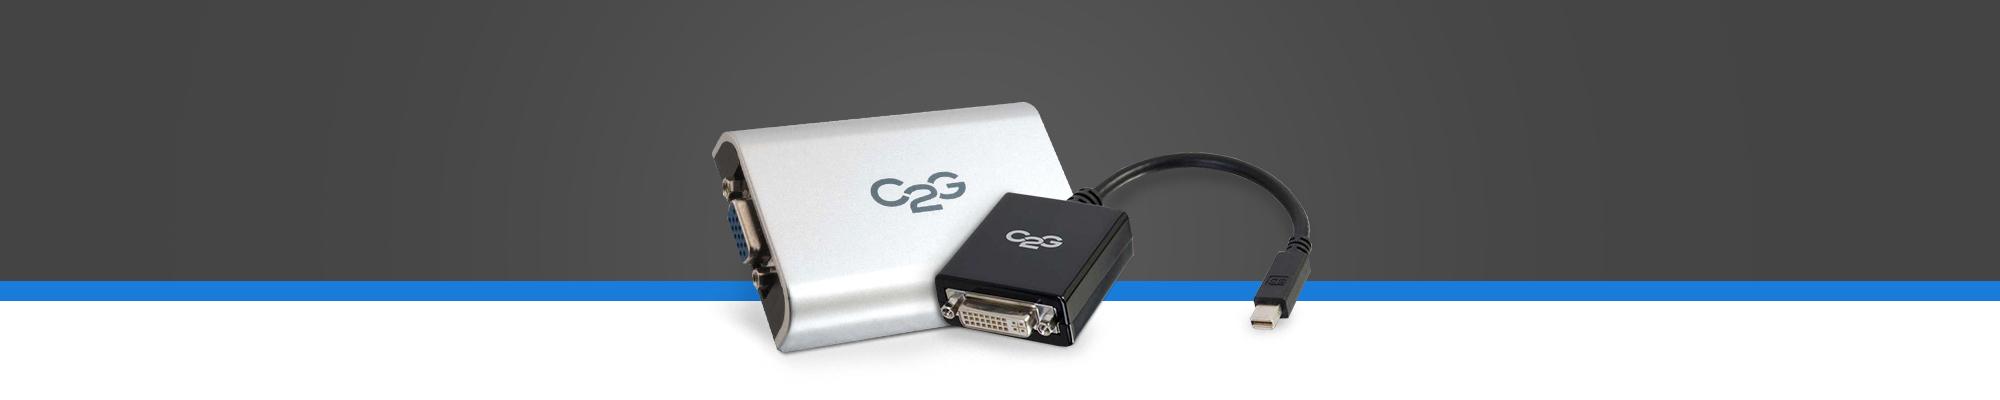 zones C2G partner